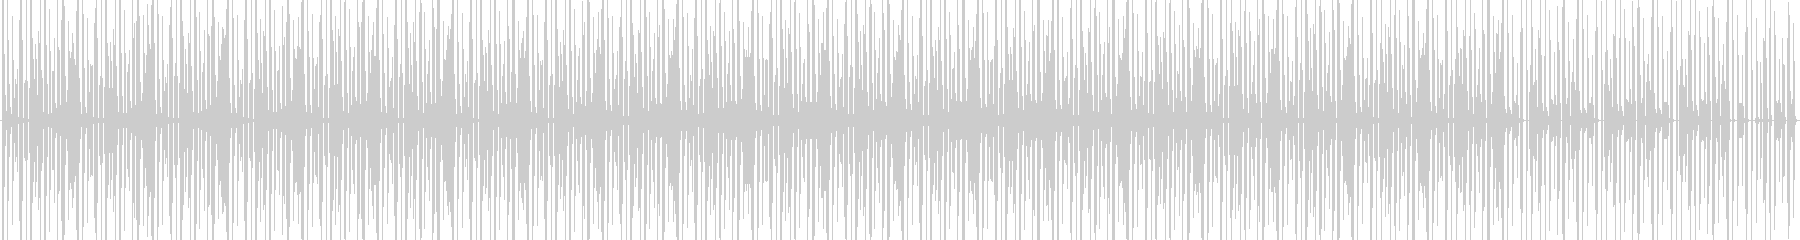 【チルアウト】LoFi / ヒップホップの未再生の波形